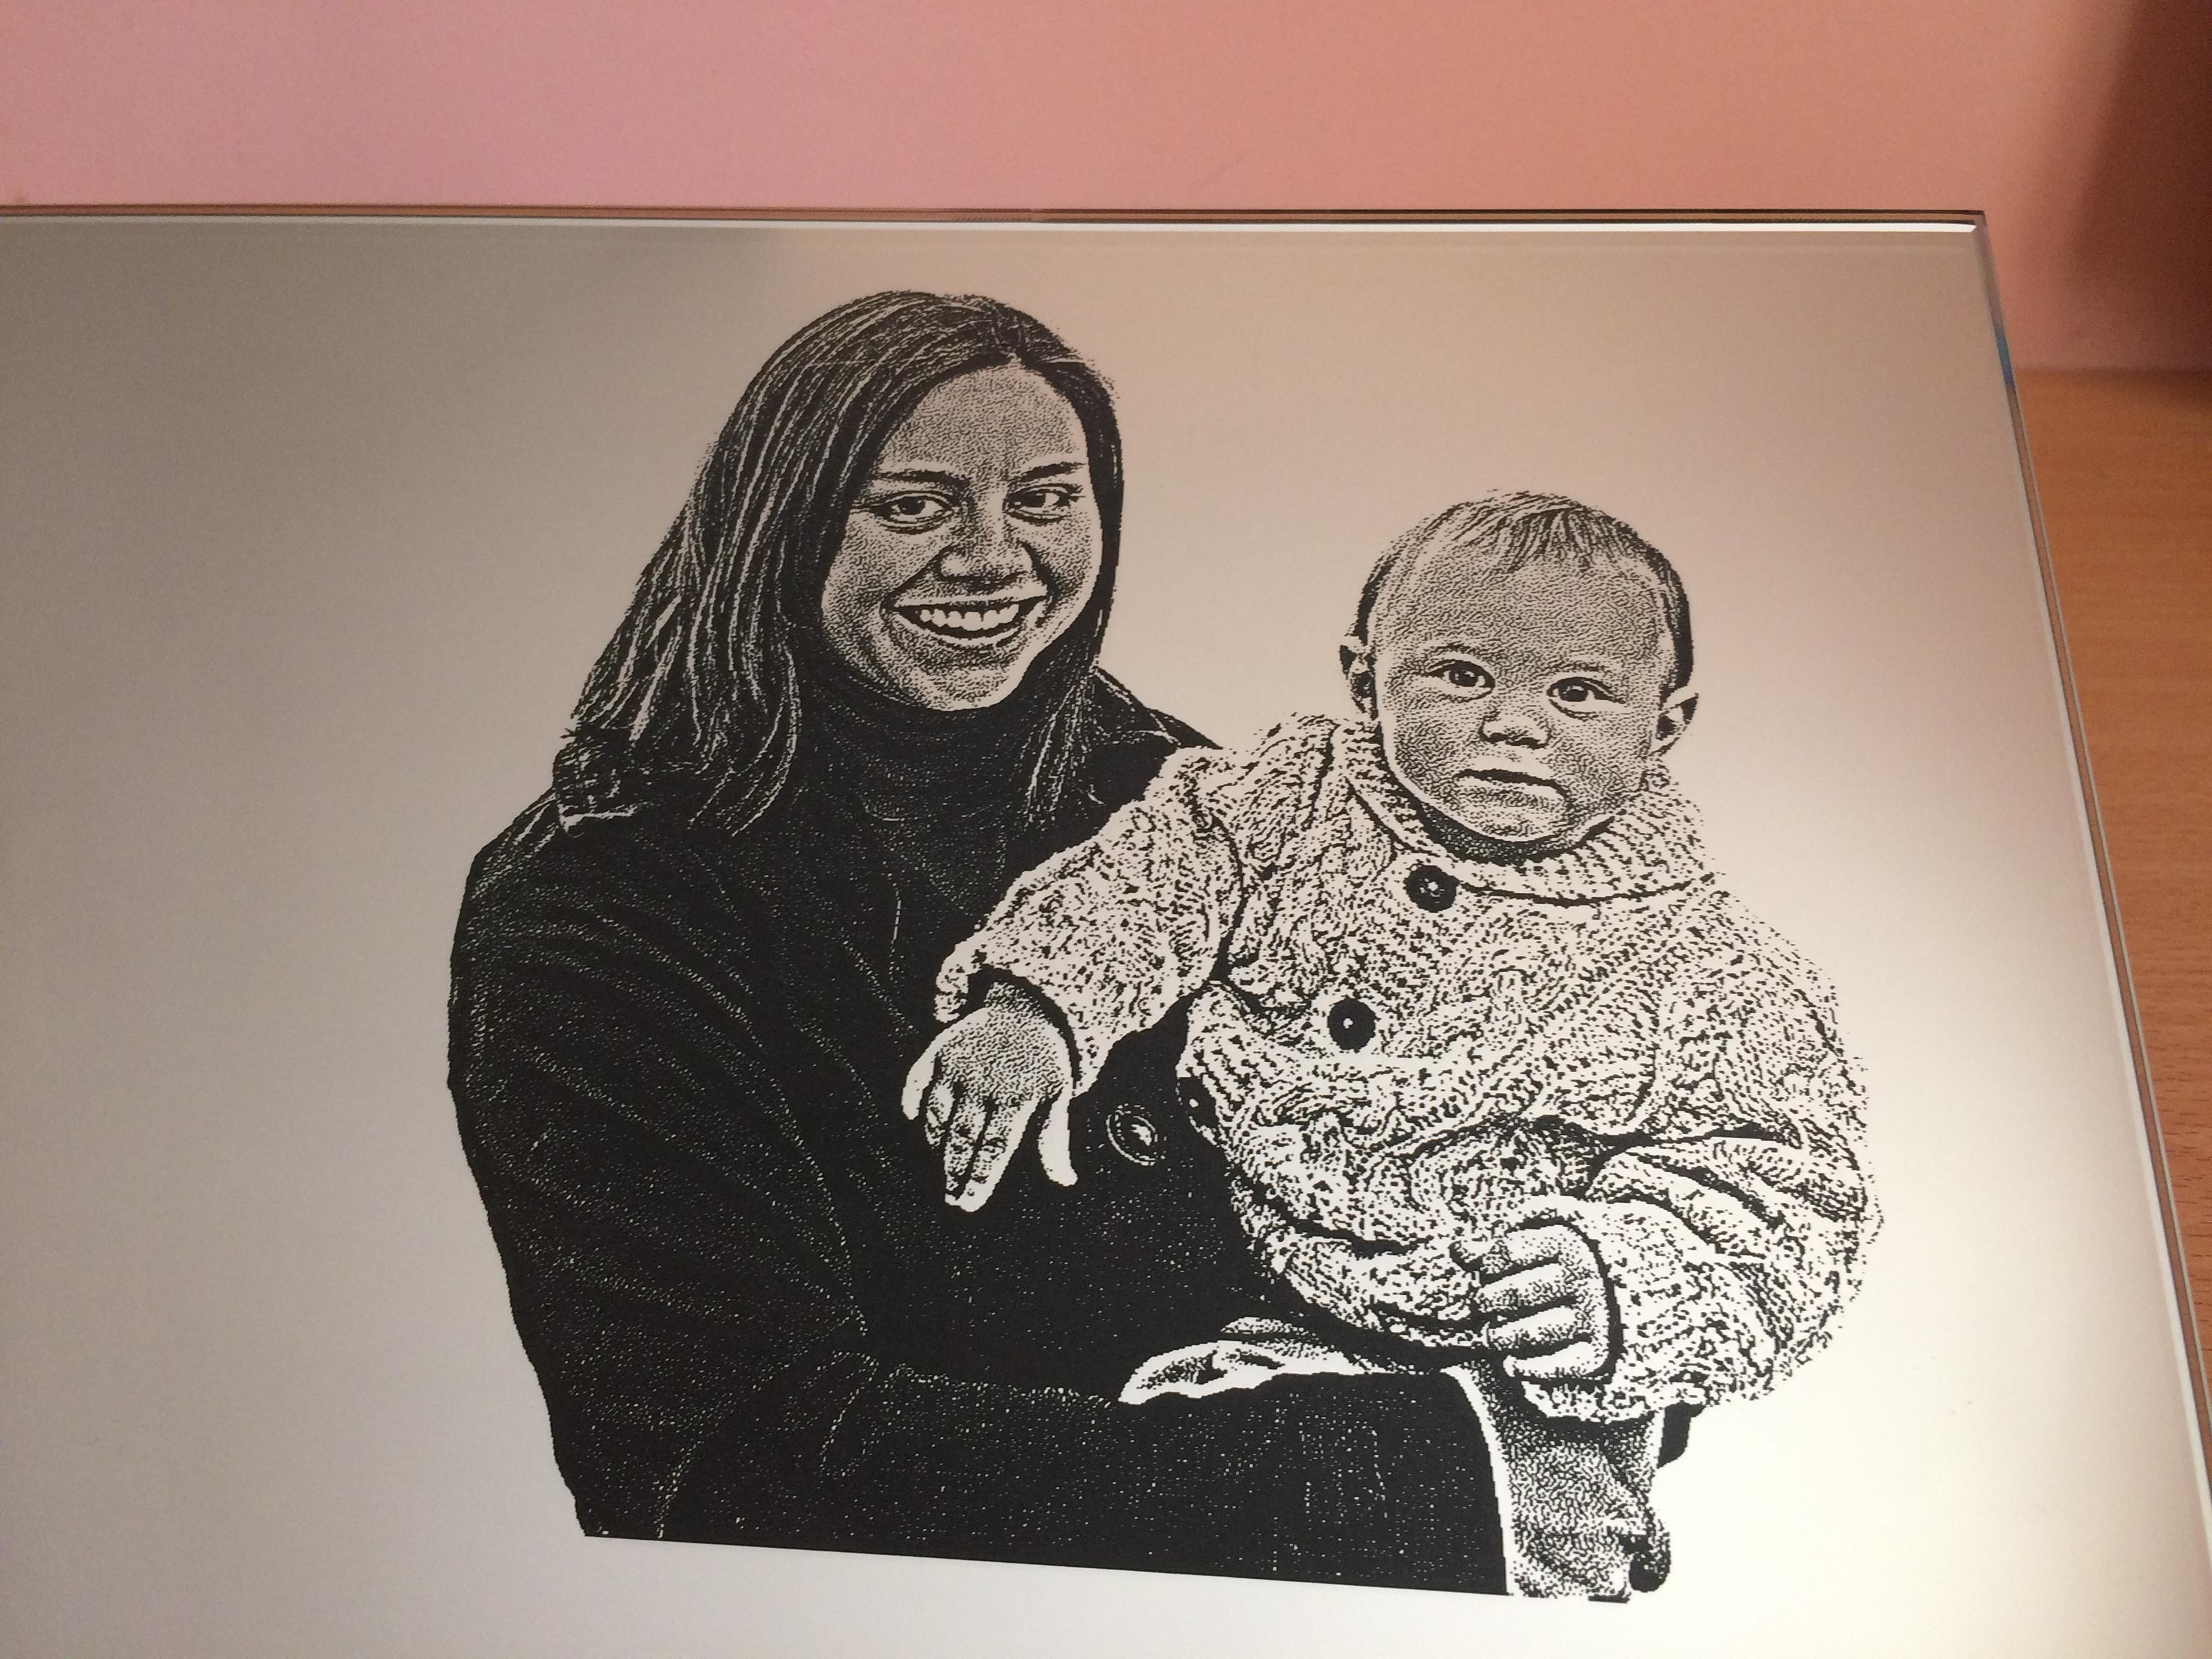 Gravure portrait sur miroir portrait personnalis cadeau for Gravure sur miroir